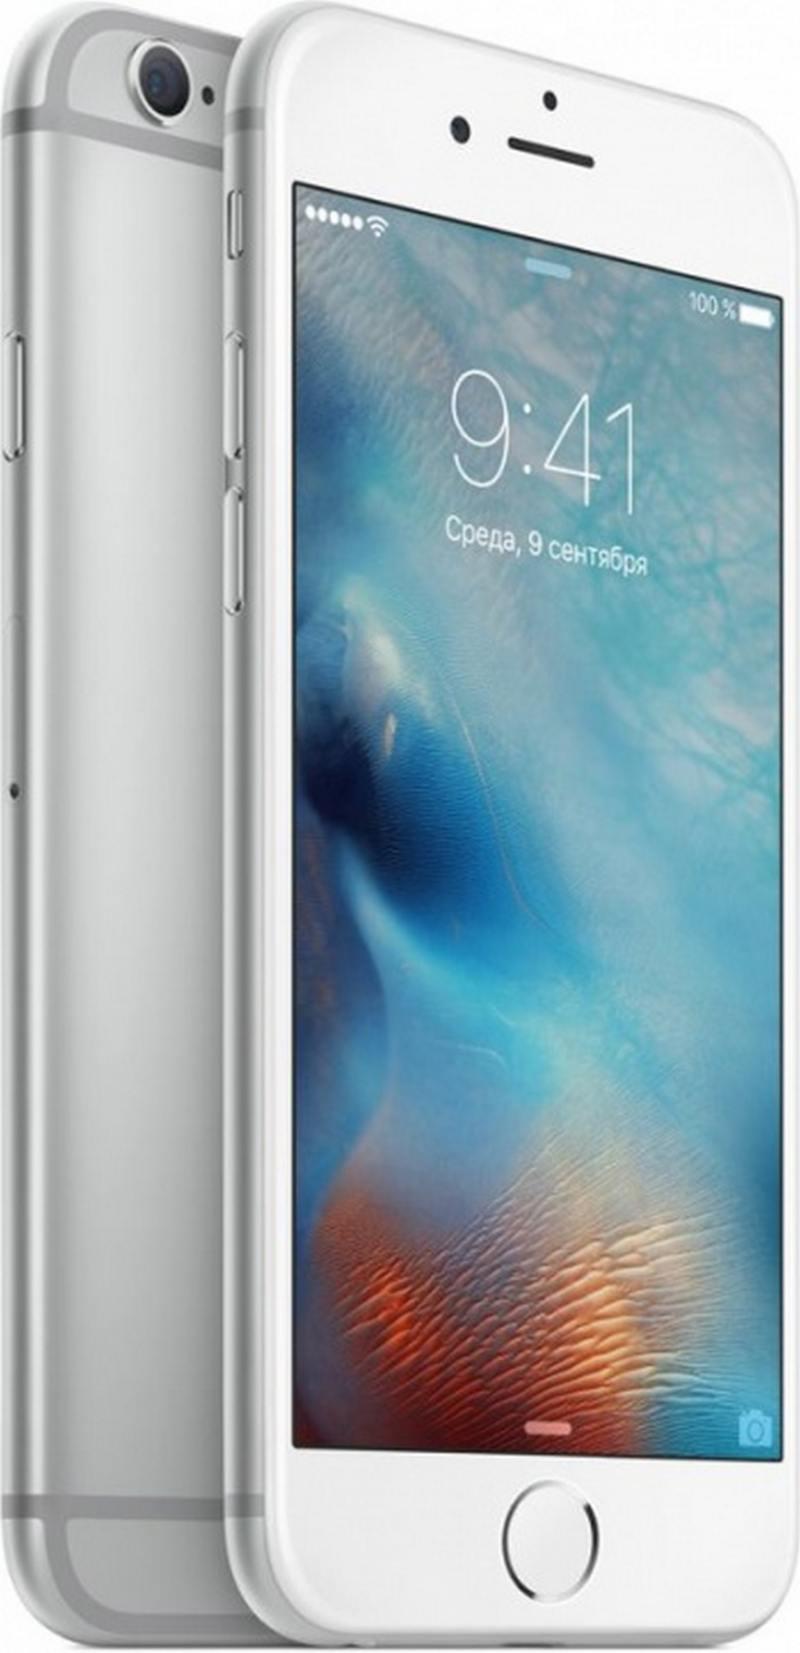 Смартфон Apple iPhone 6S серебристый 4.7 32 Гб Wi-Fi GPS 3G LTE NFC MN0X2RU/A